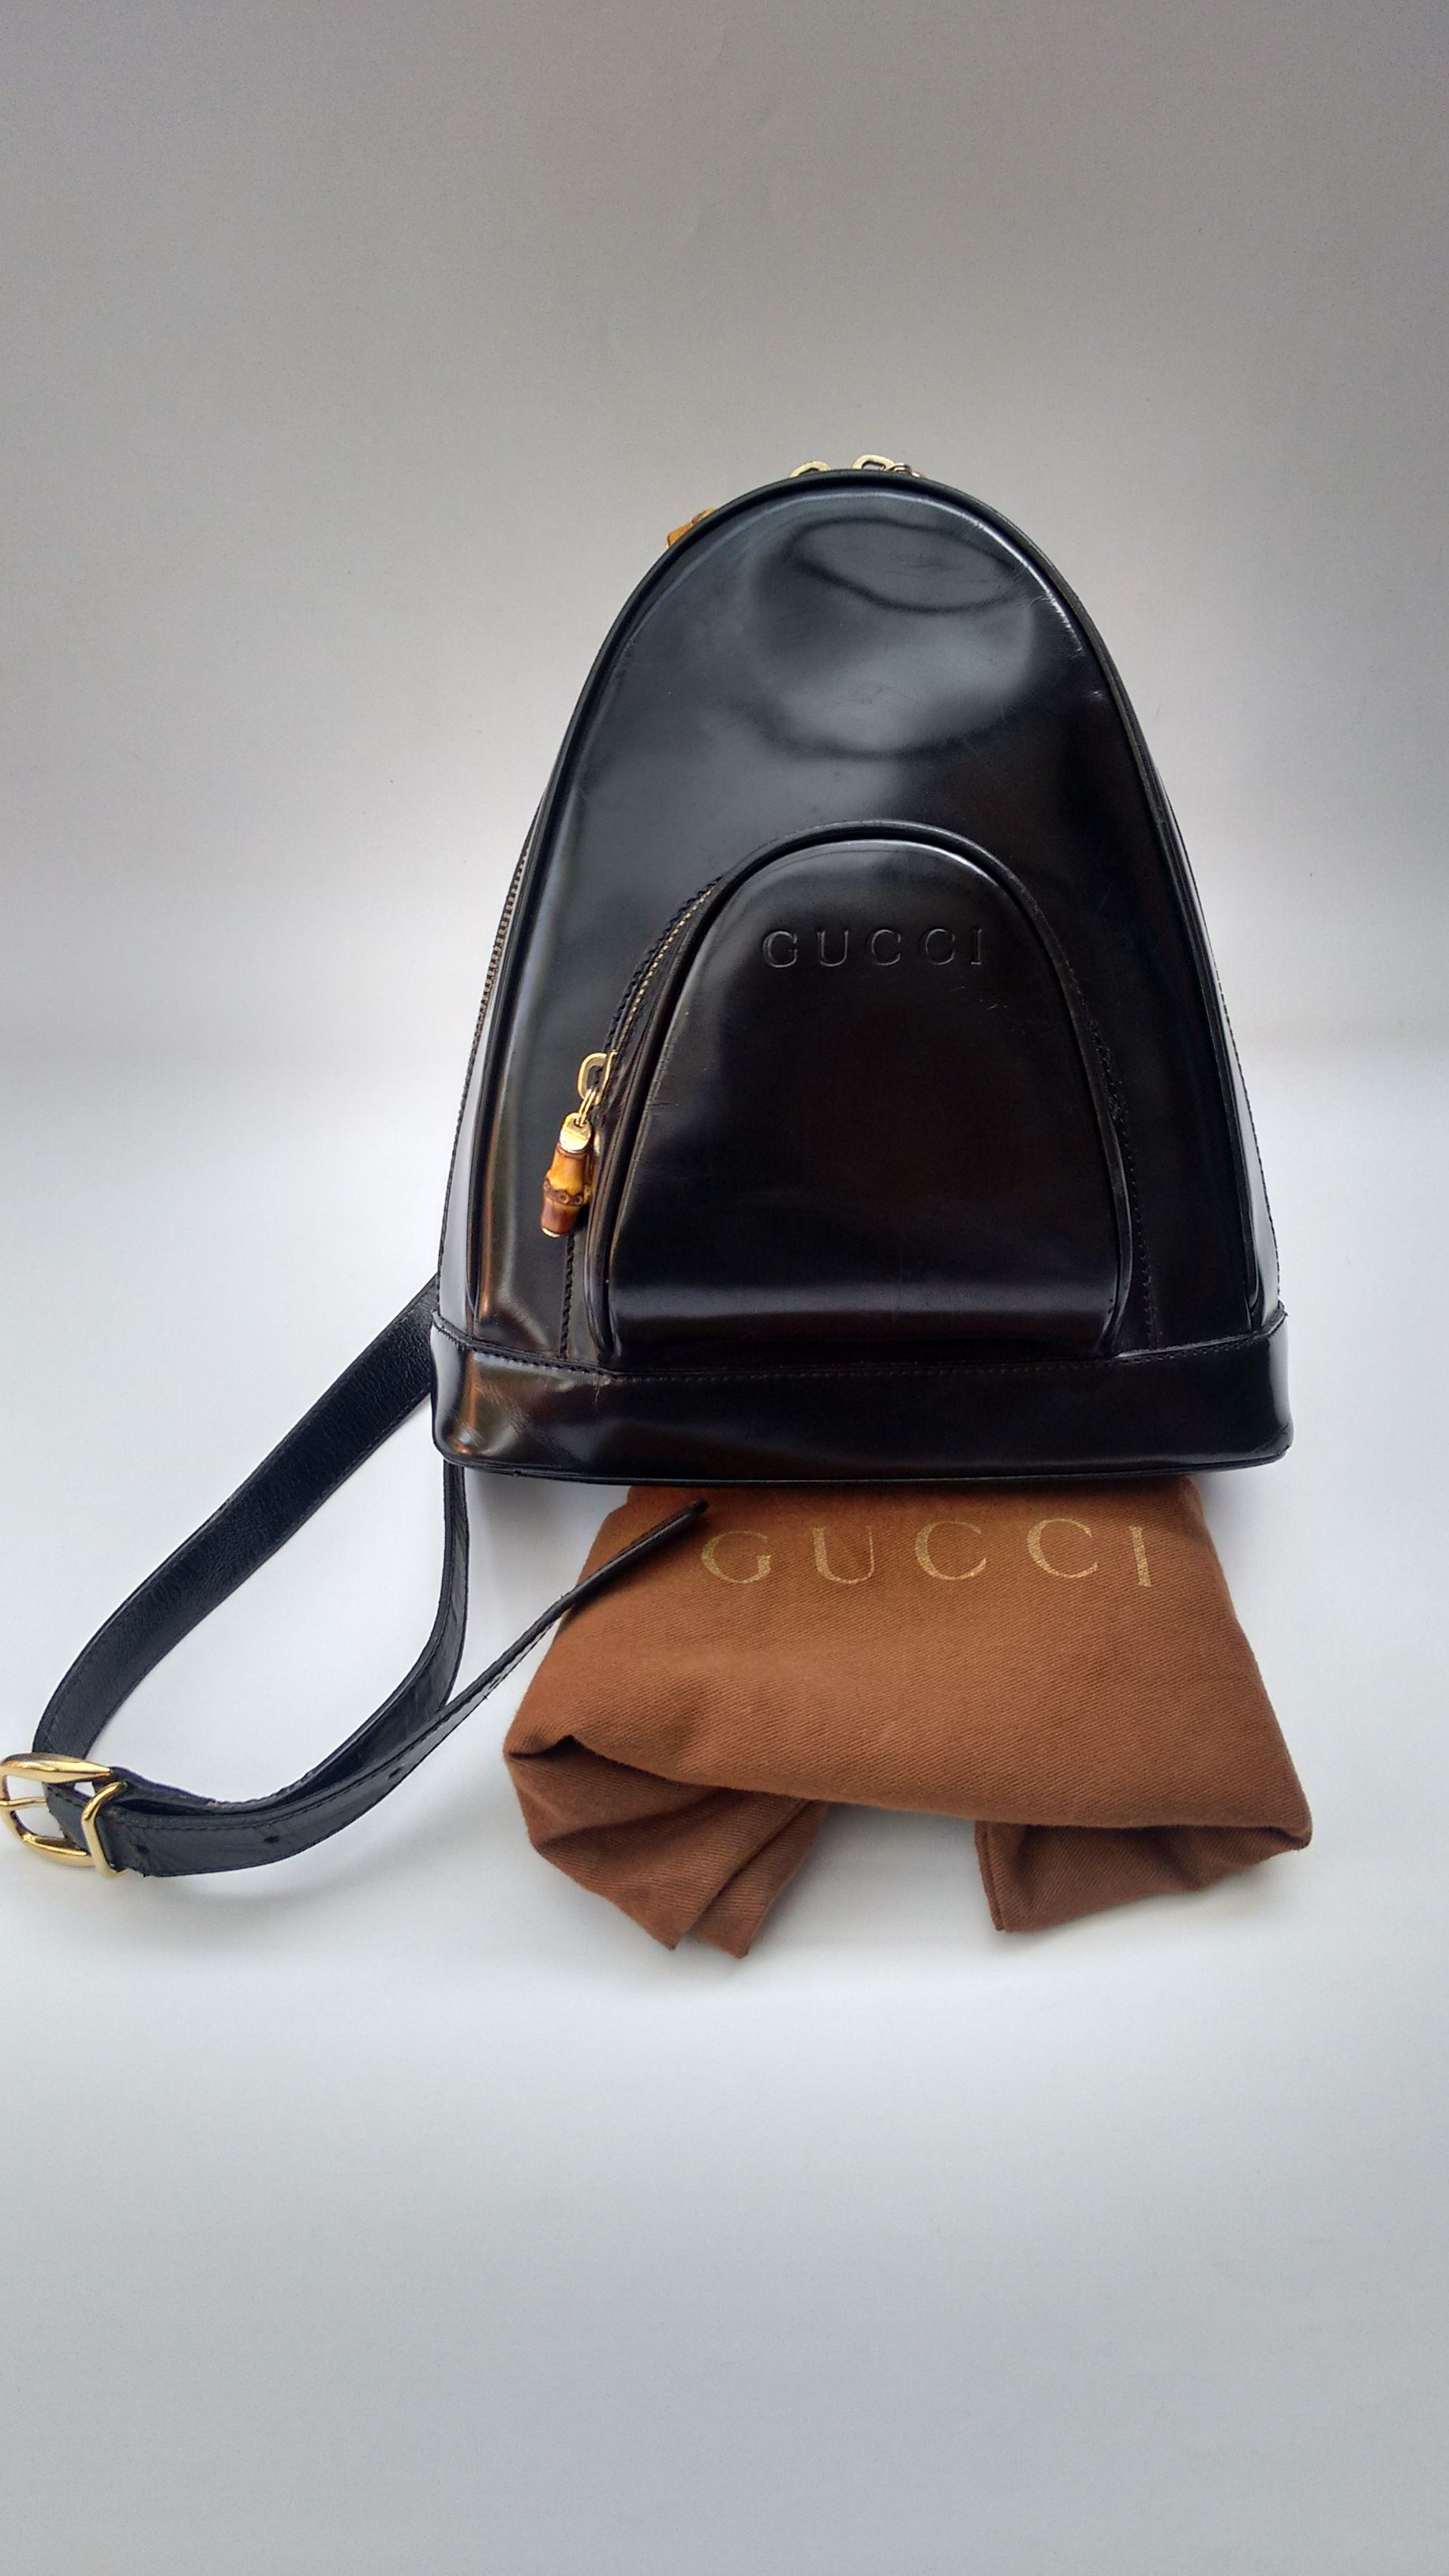 ba48619e68c GUCCI Bamboo Vintage Black Leather Backpack   Shoulder Bag. Italian  designer purse. Tom Ford Era.